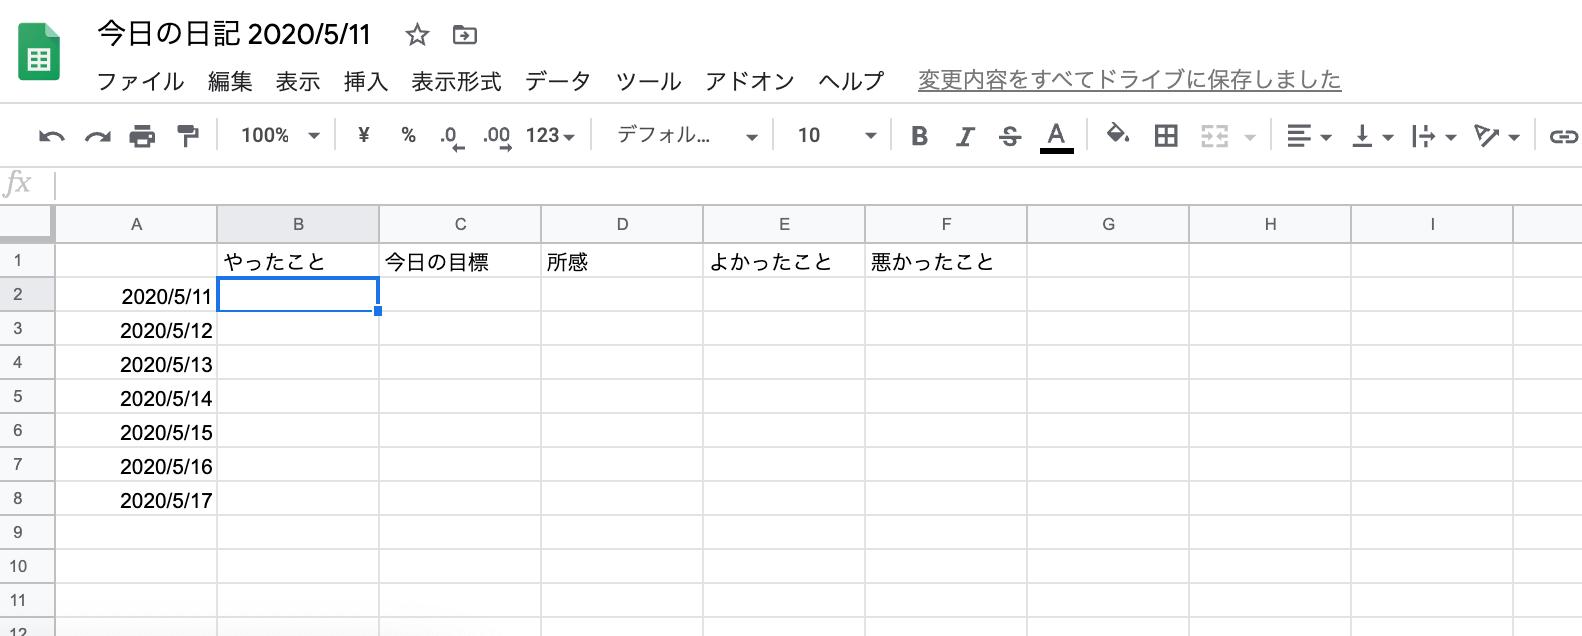 スプレッド シート を データベース として 使う